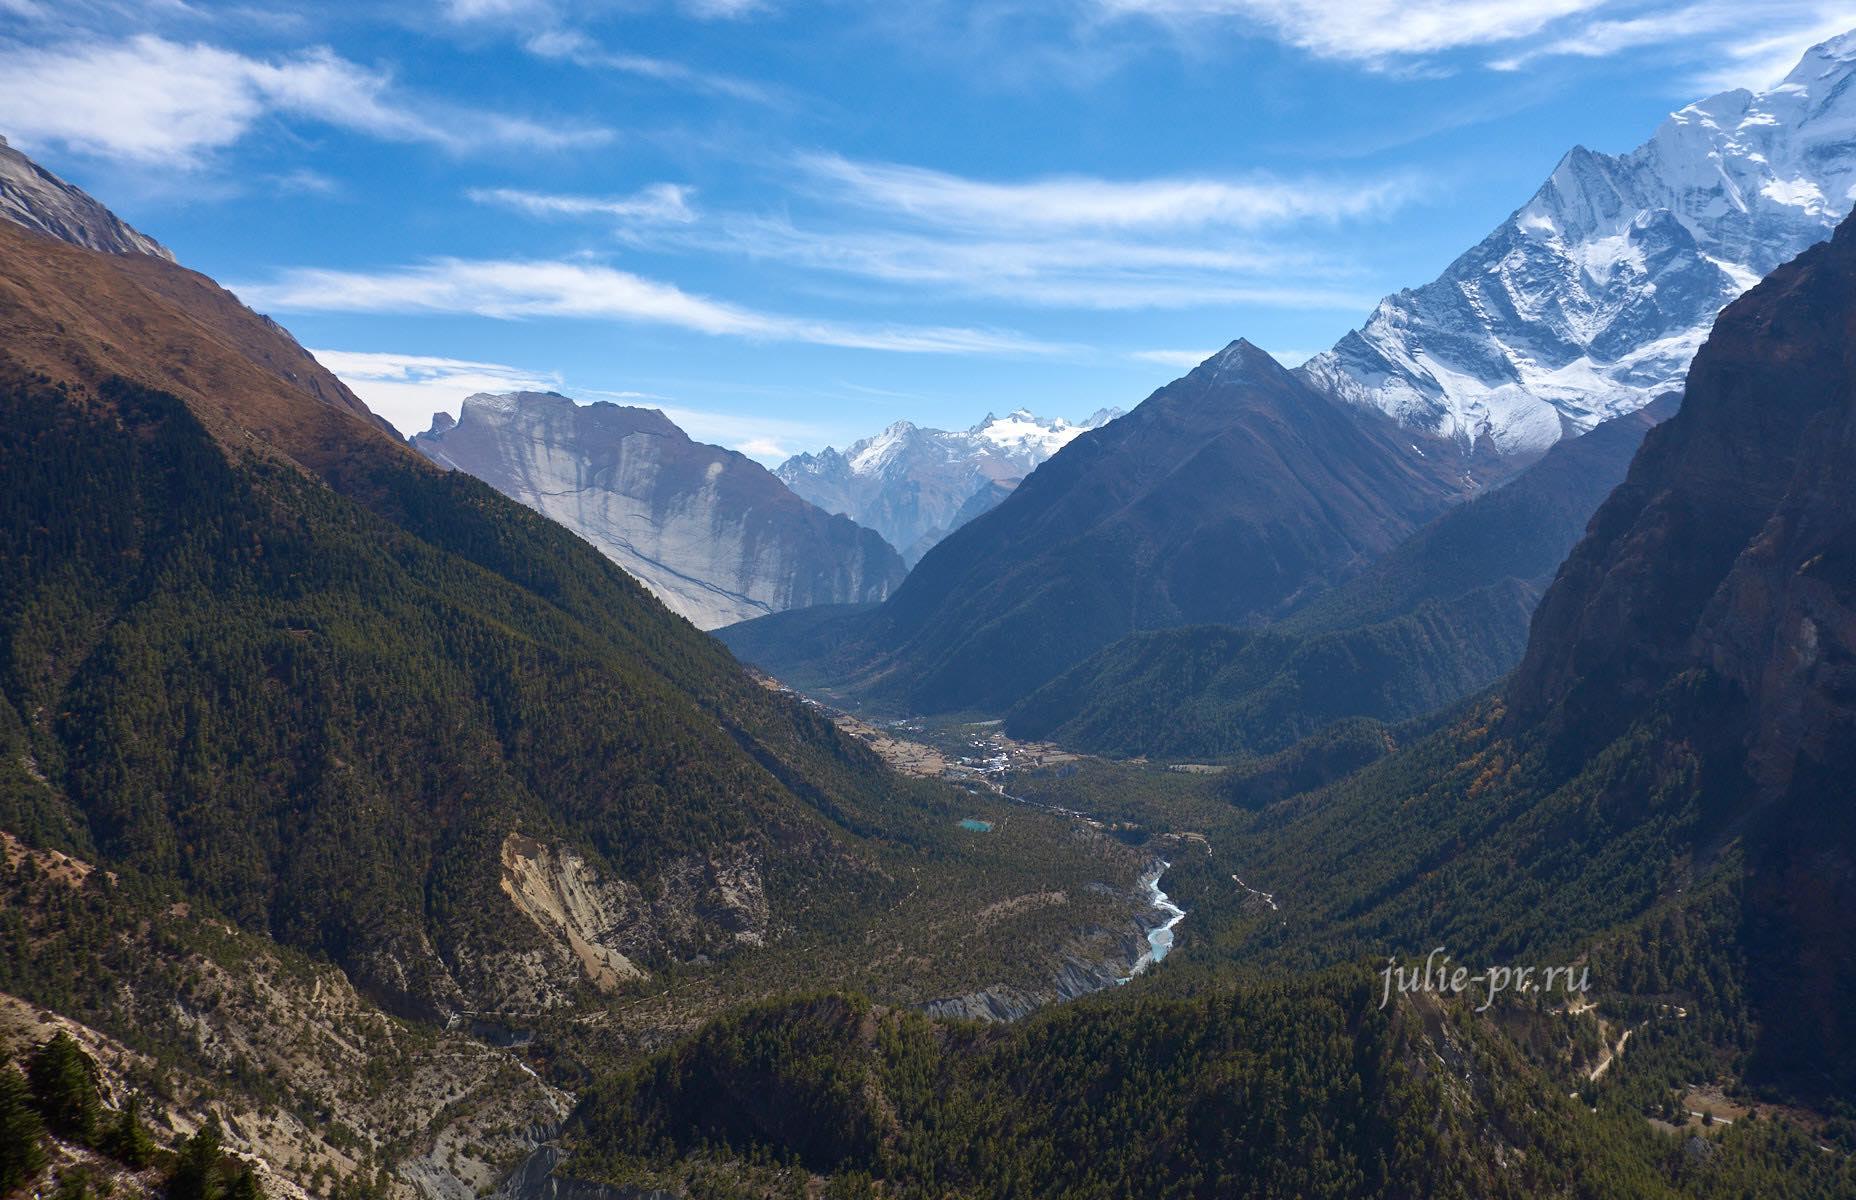 Непал, Трек вокруг Аннапурны, Долина Марсъянди